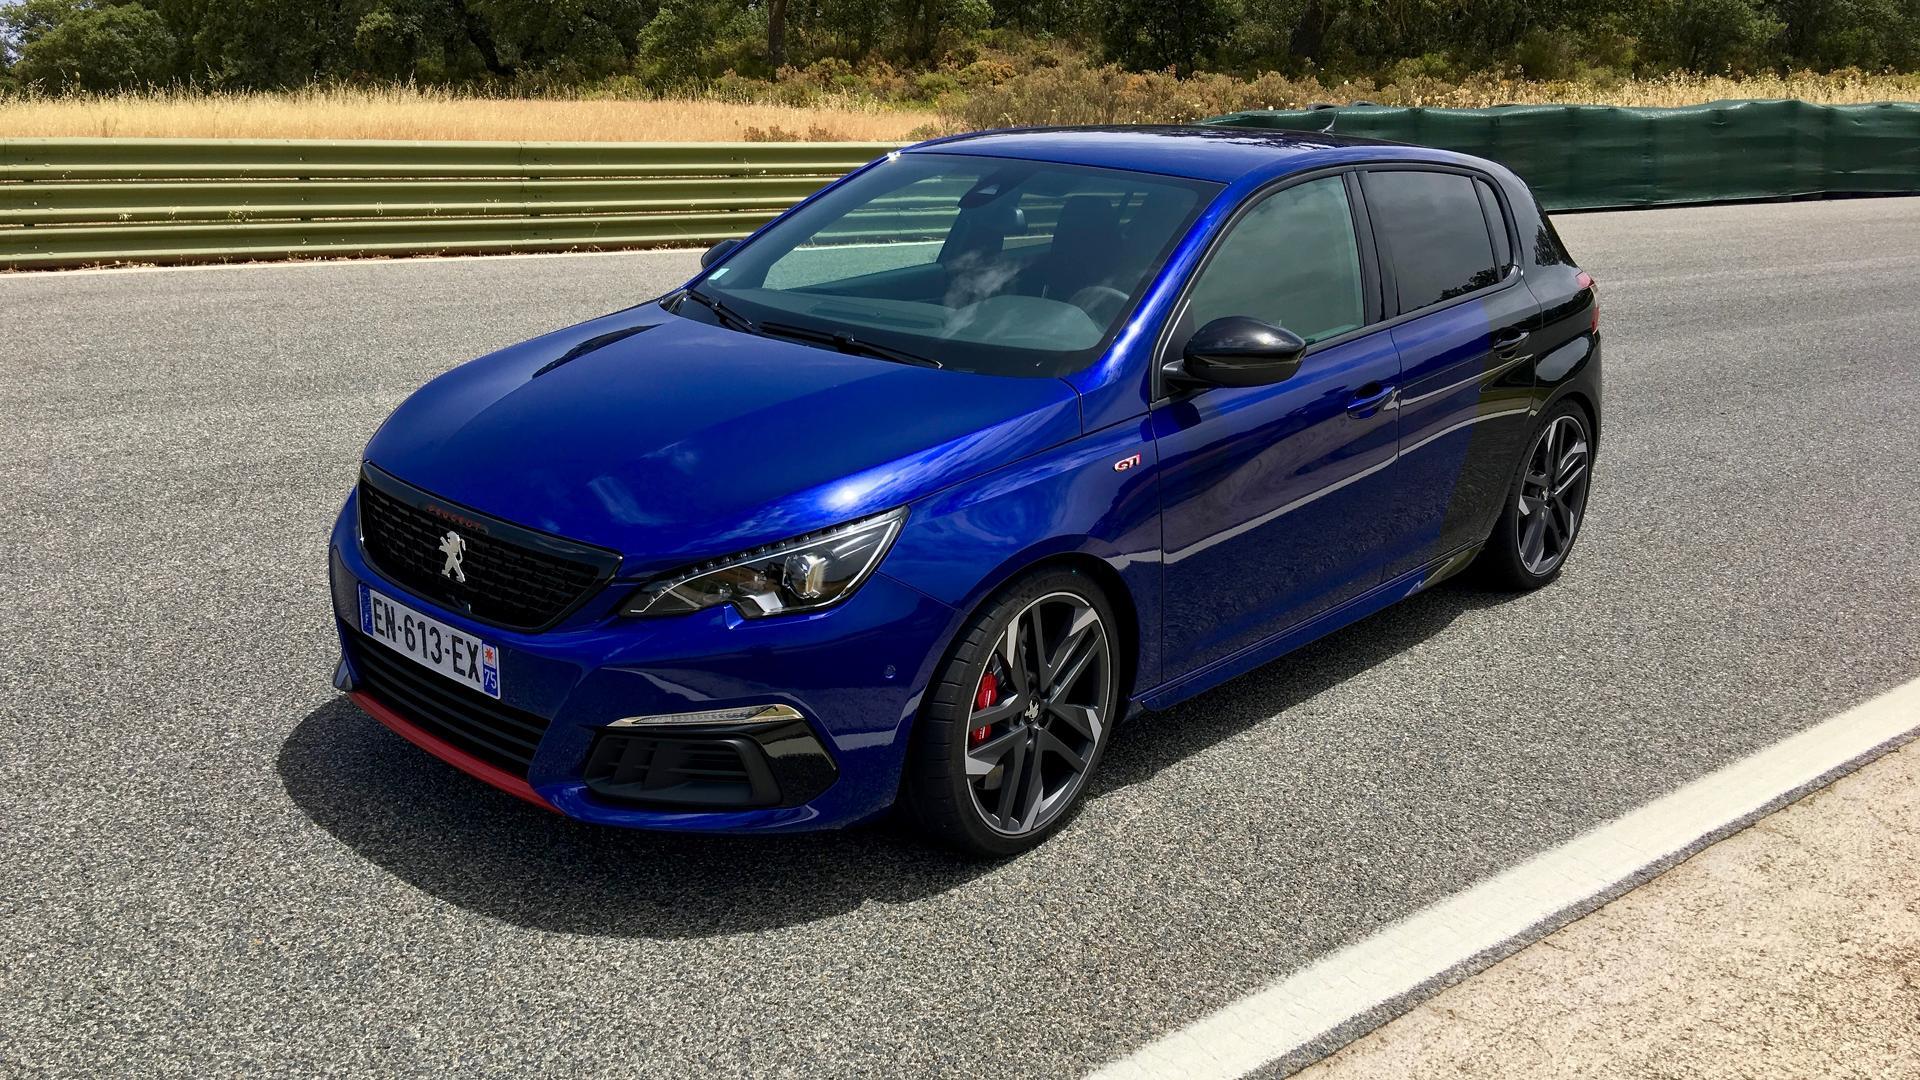 Peugeot 308 GTi News and Reviews | Motor1.com UK